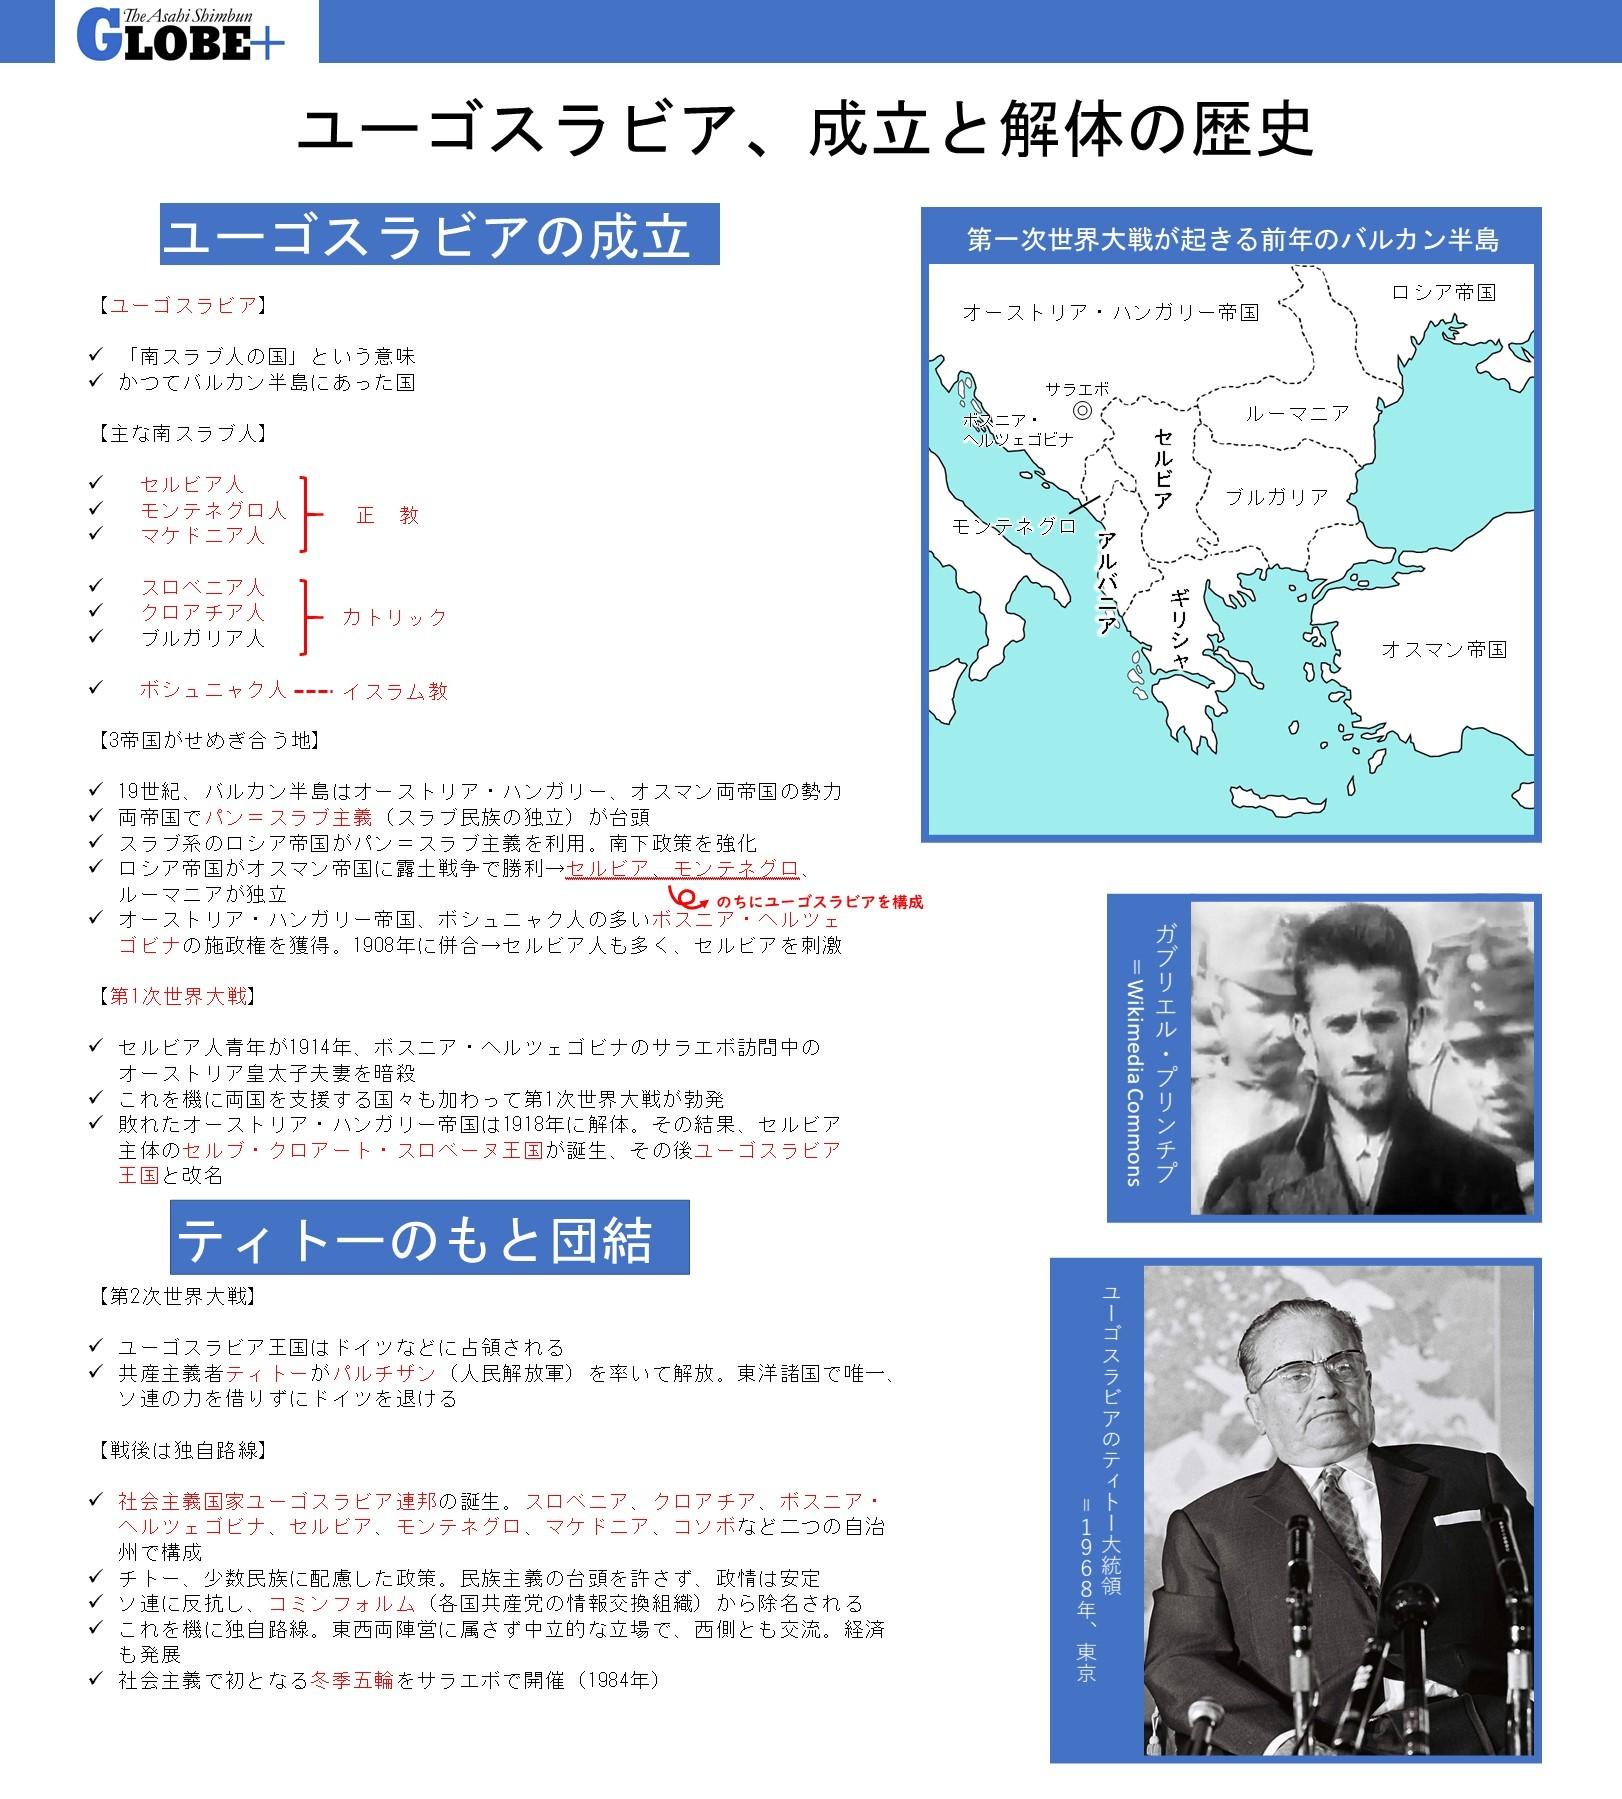 ユーゴスラビアの歴史①=GLOBE+編集部作成